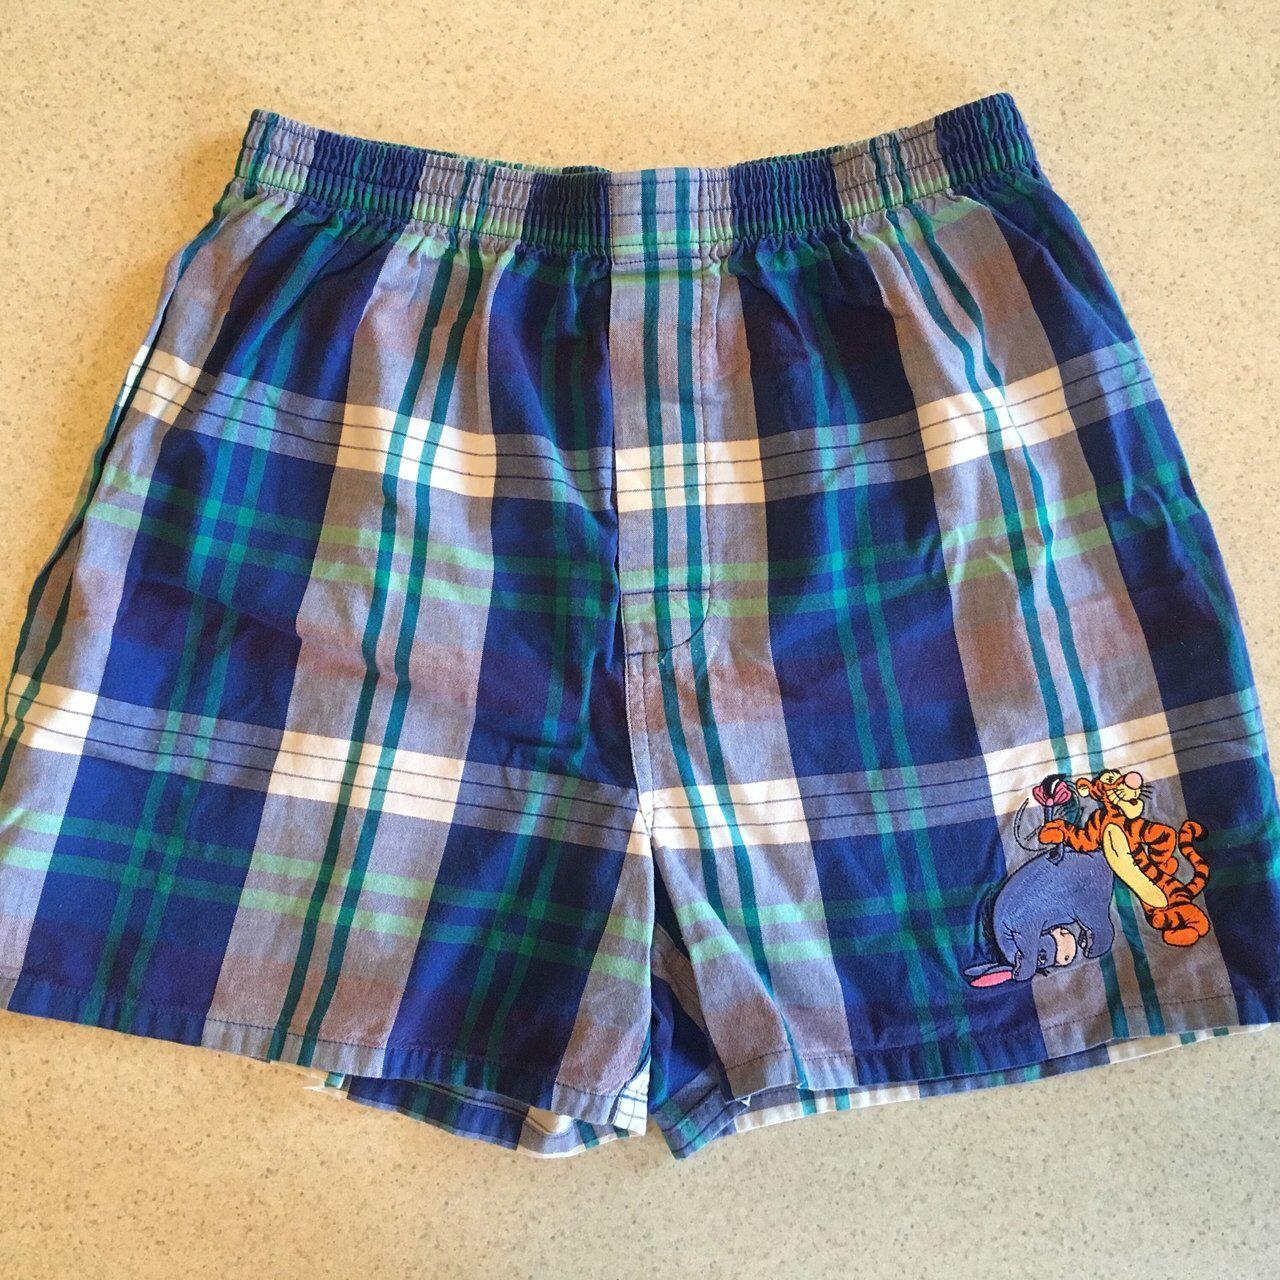 9842dd50f71 Listed on Depop by vintagefam317 | depop | Disney shorts, Depop ...